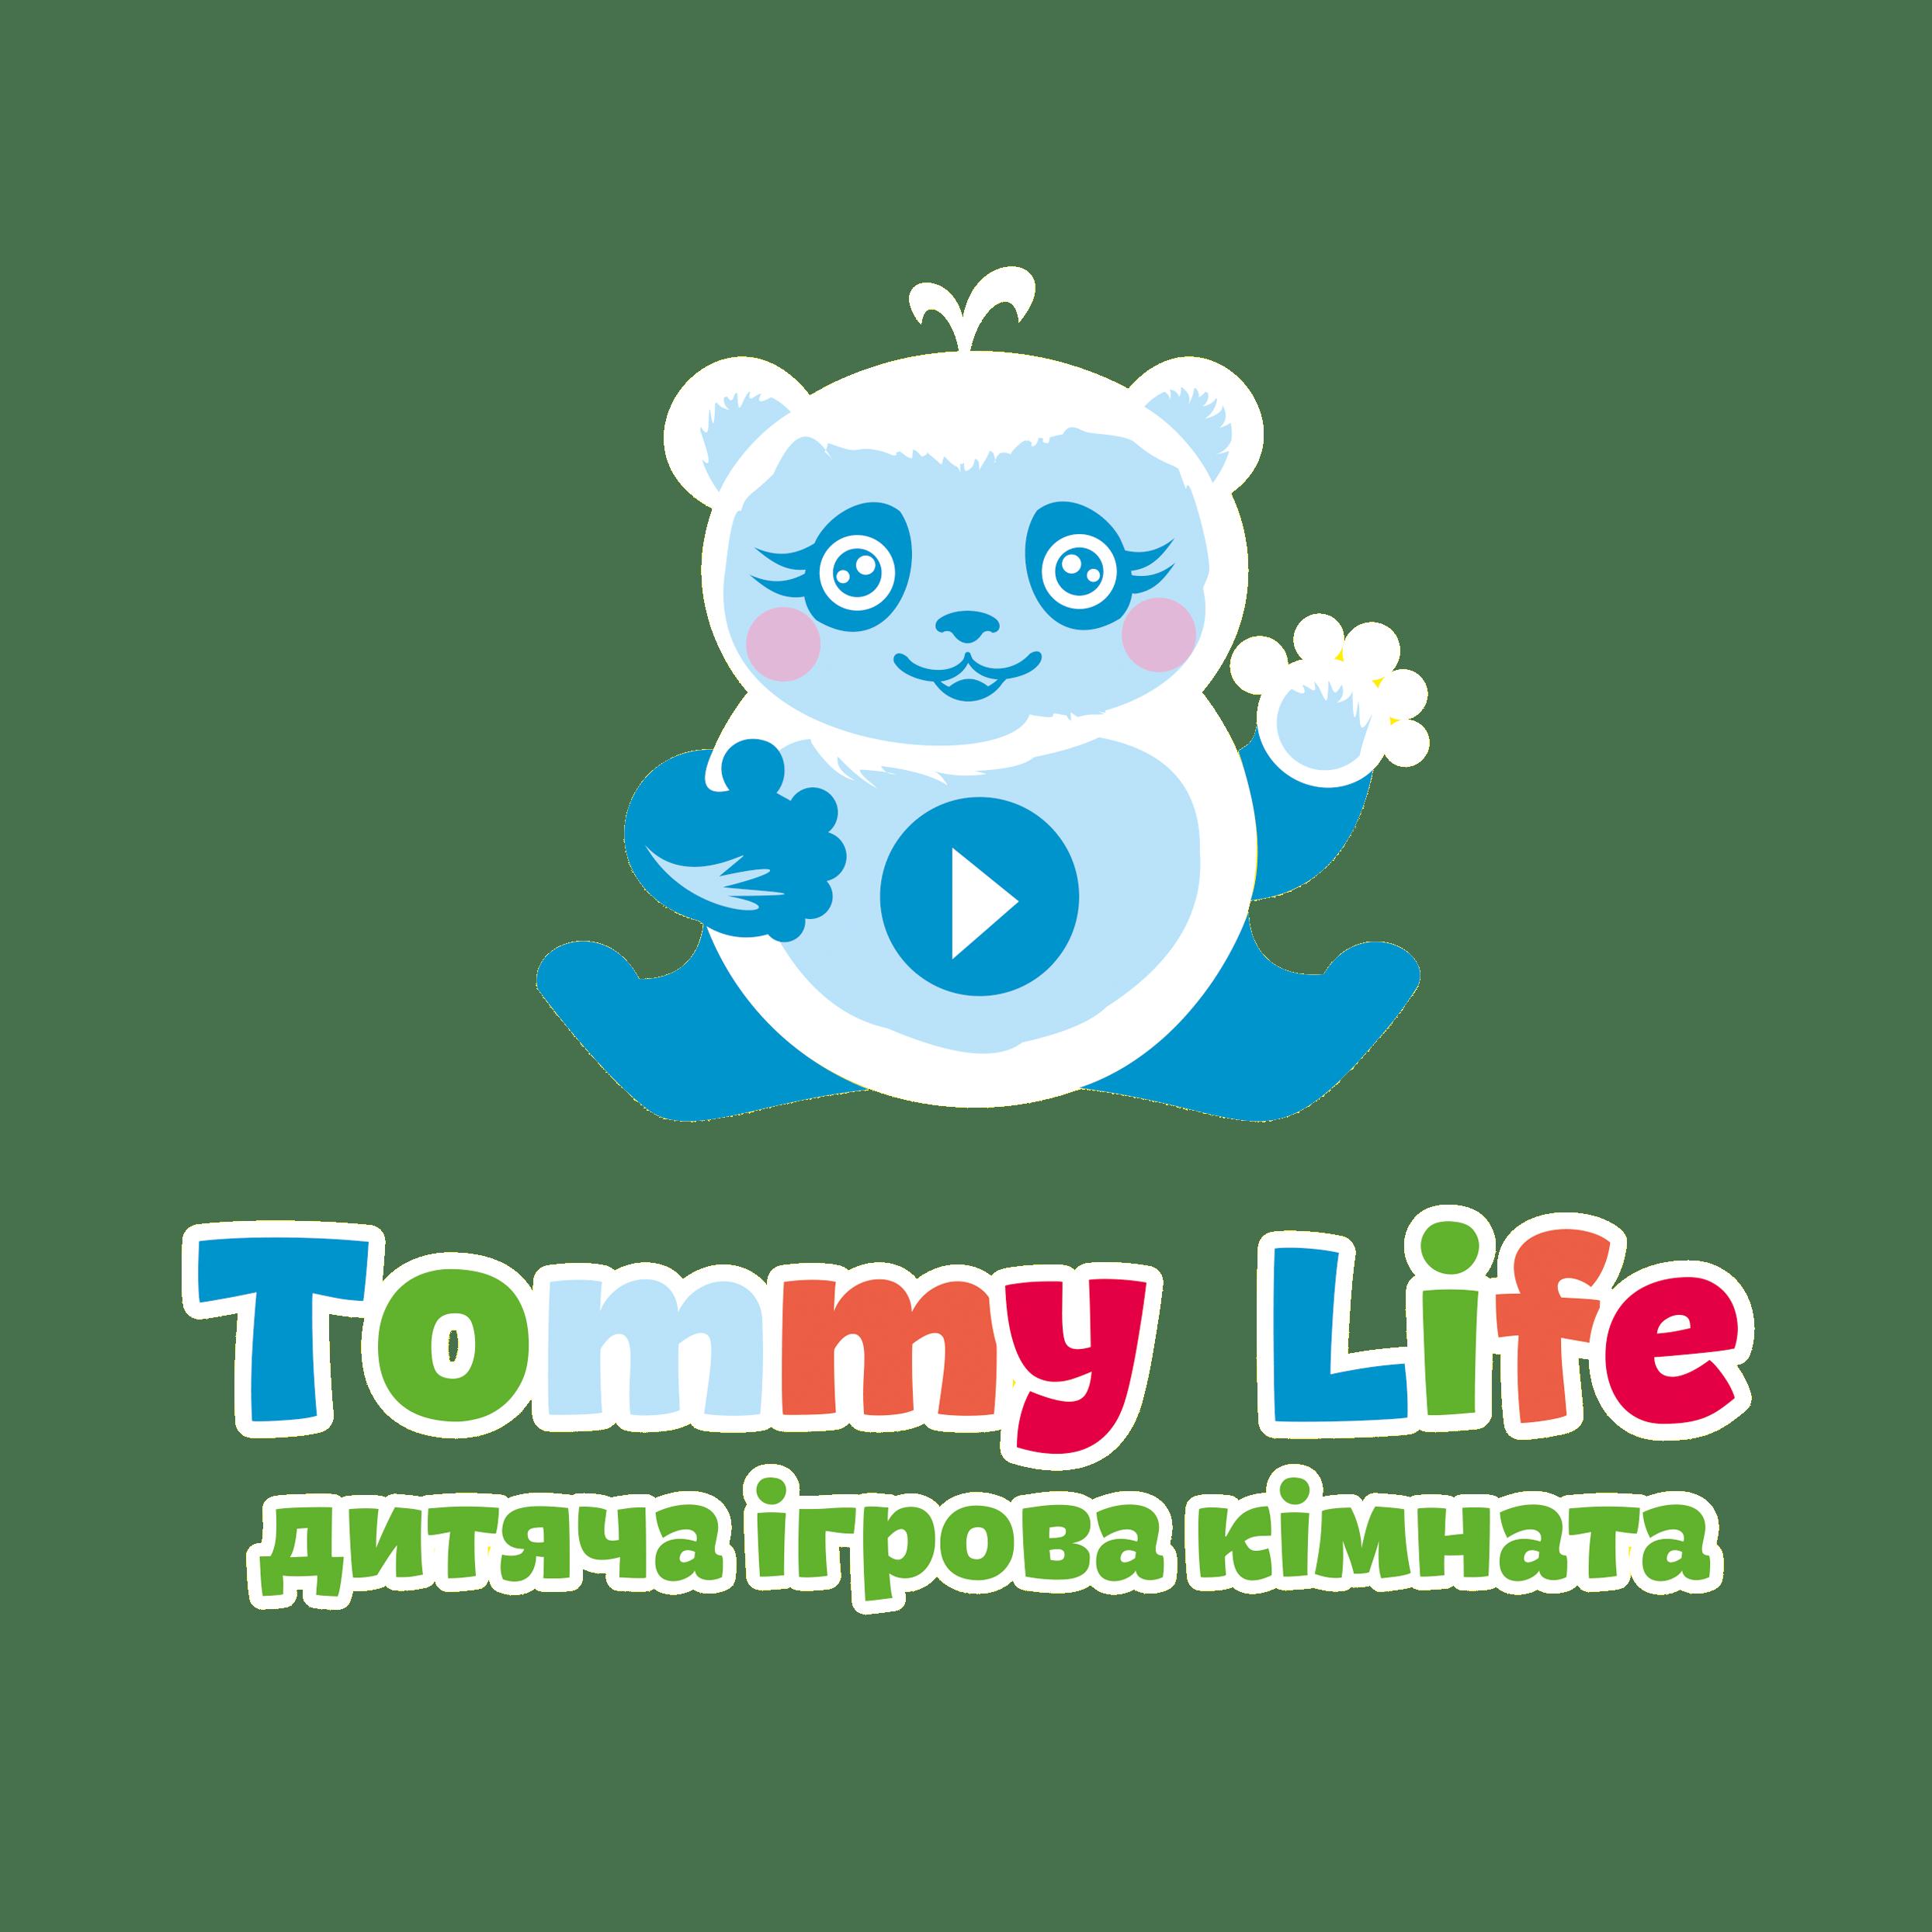 Tommy Life - kiev.karavan.com.ua